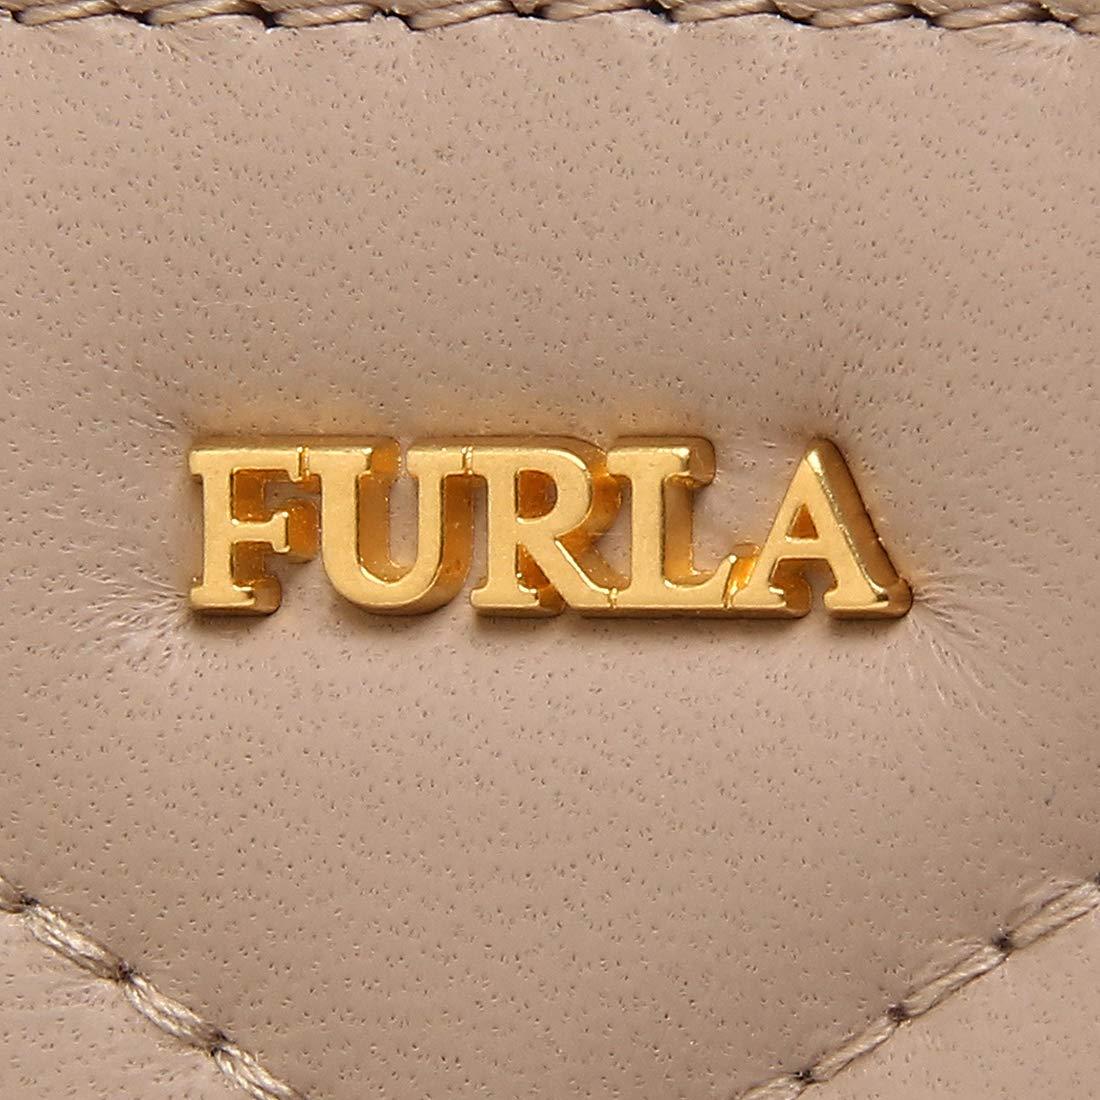 4dd078956c0a Amazon | [フルラ]折財布 レディース FURLA 993357 PAZ2 2Q0 TUK ベージュ [並行輸入品] | Furla(フルラ)  | 財布